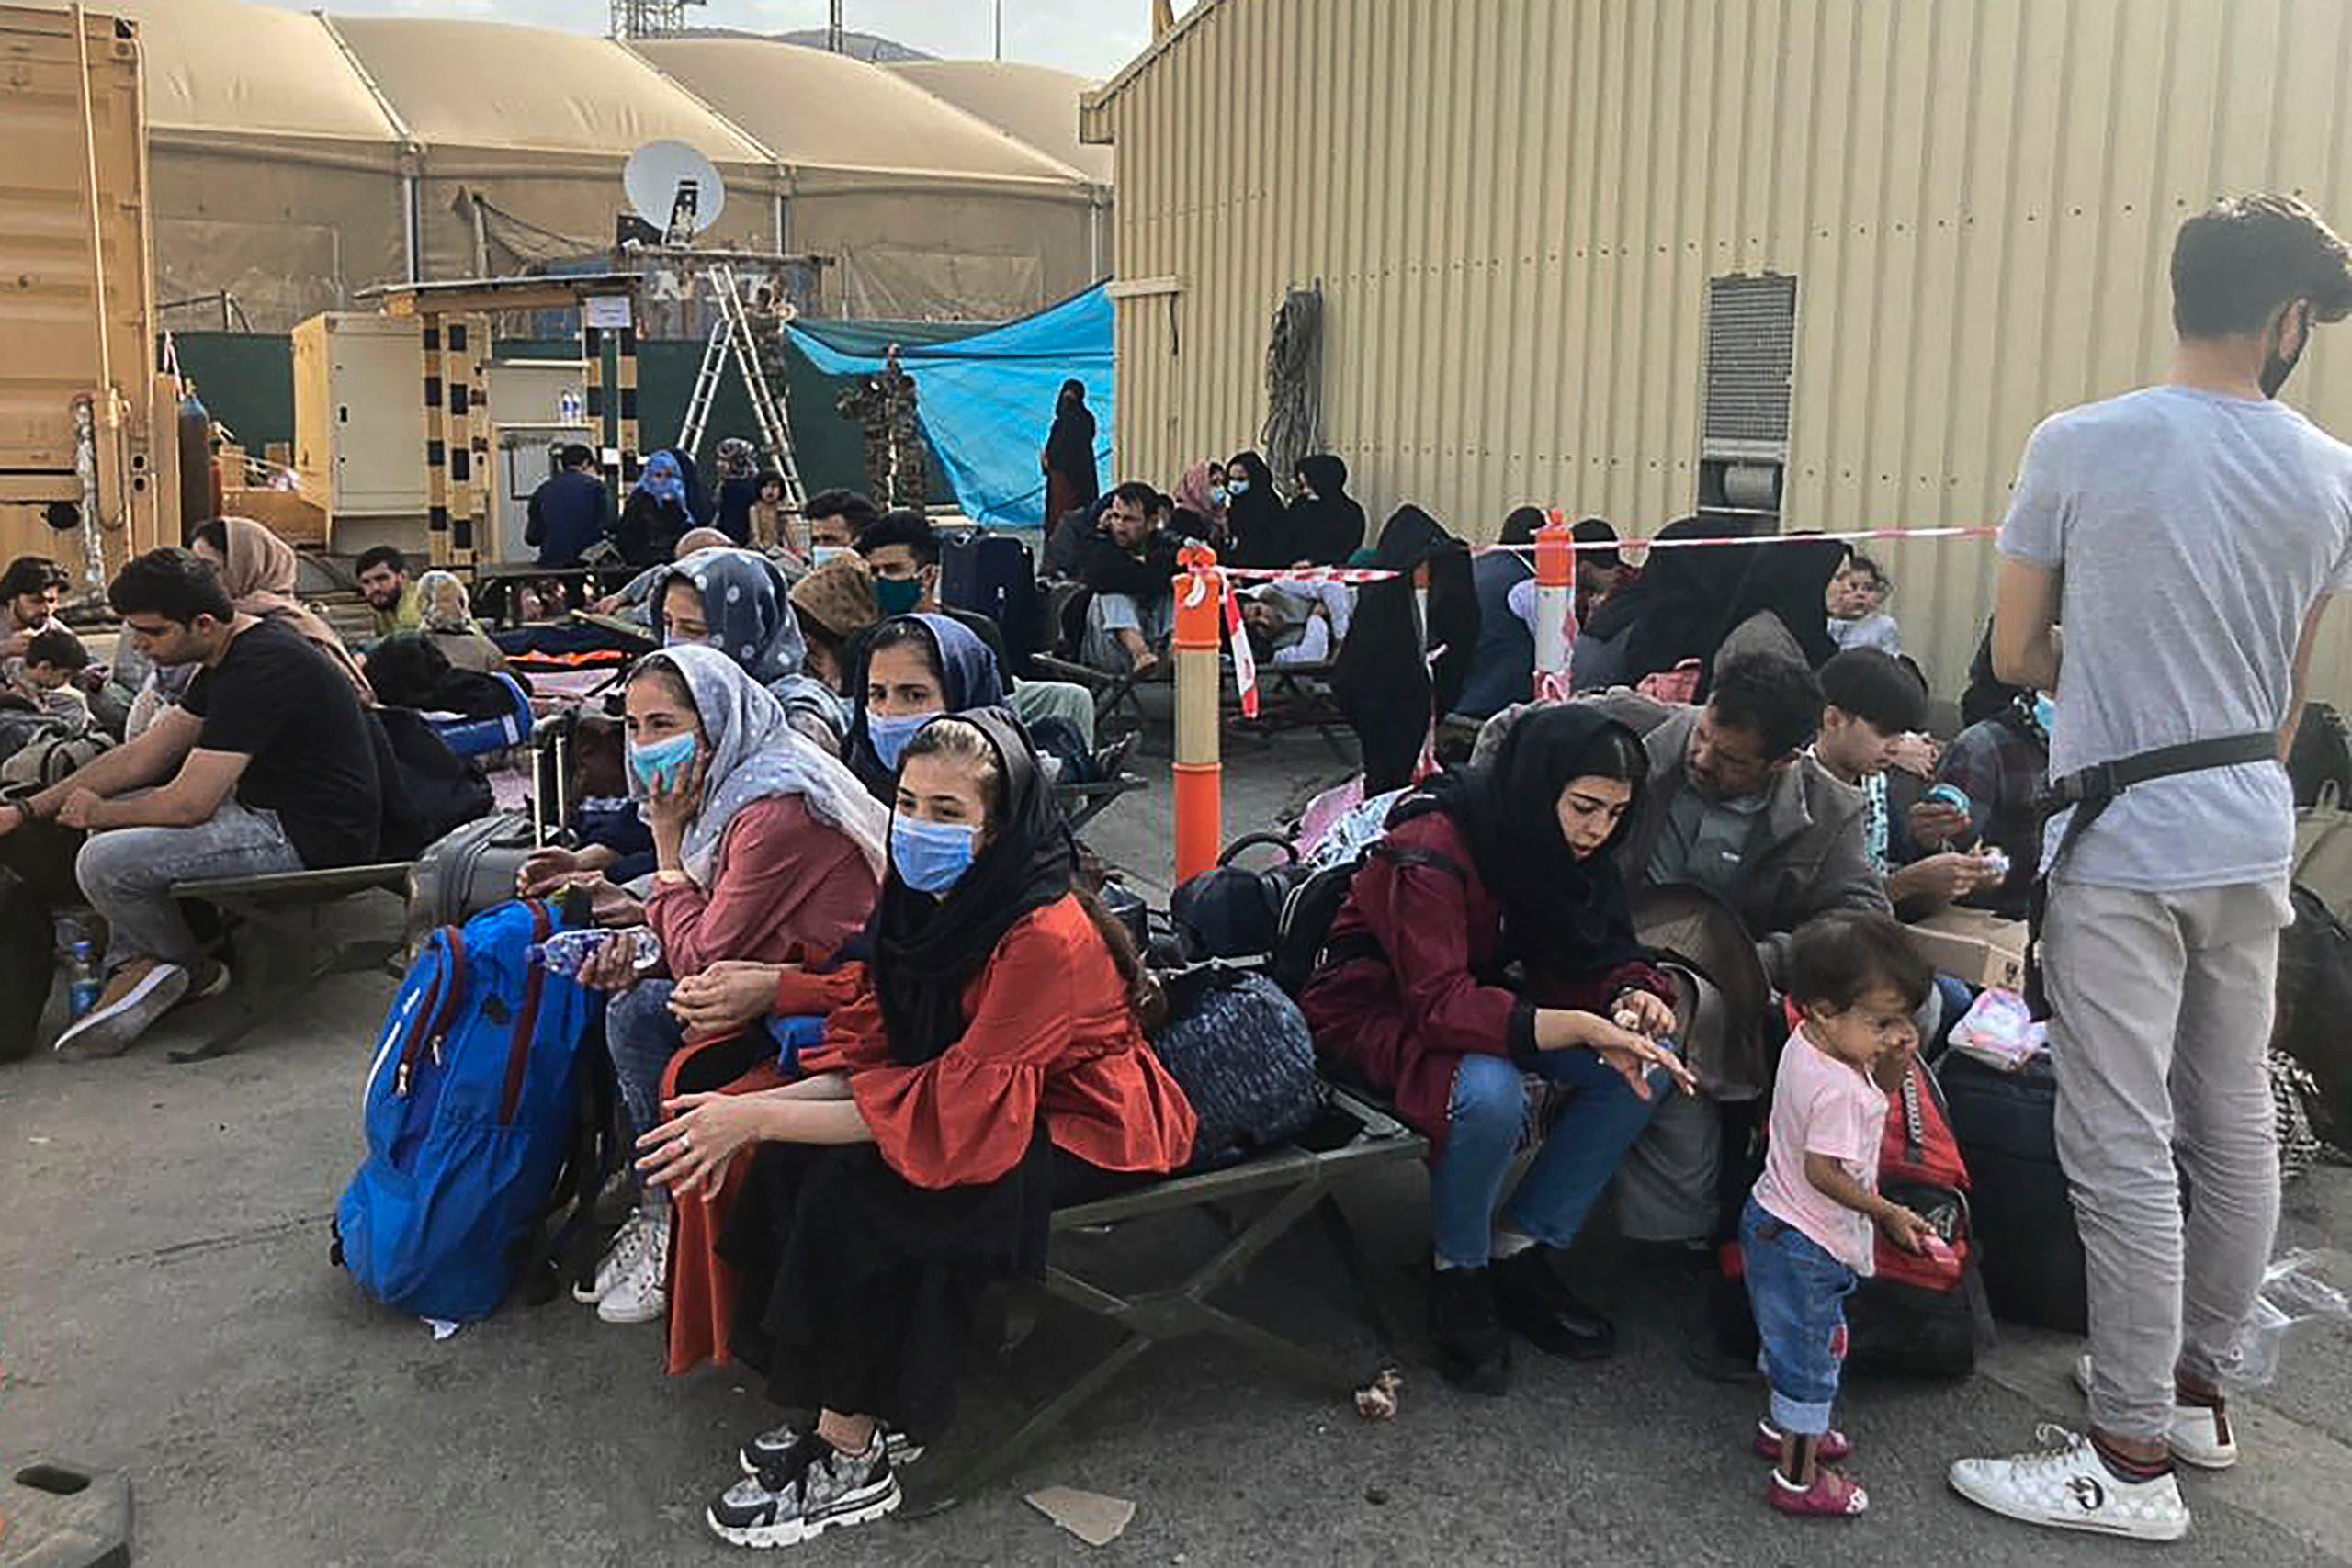 مدنيون يتكدسون داخل مطار كابل اليوم على أمل الخروج من أفغانستان